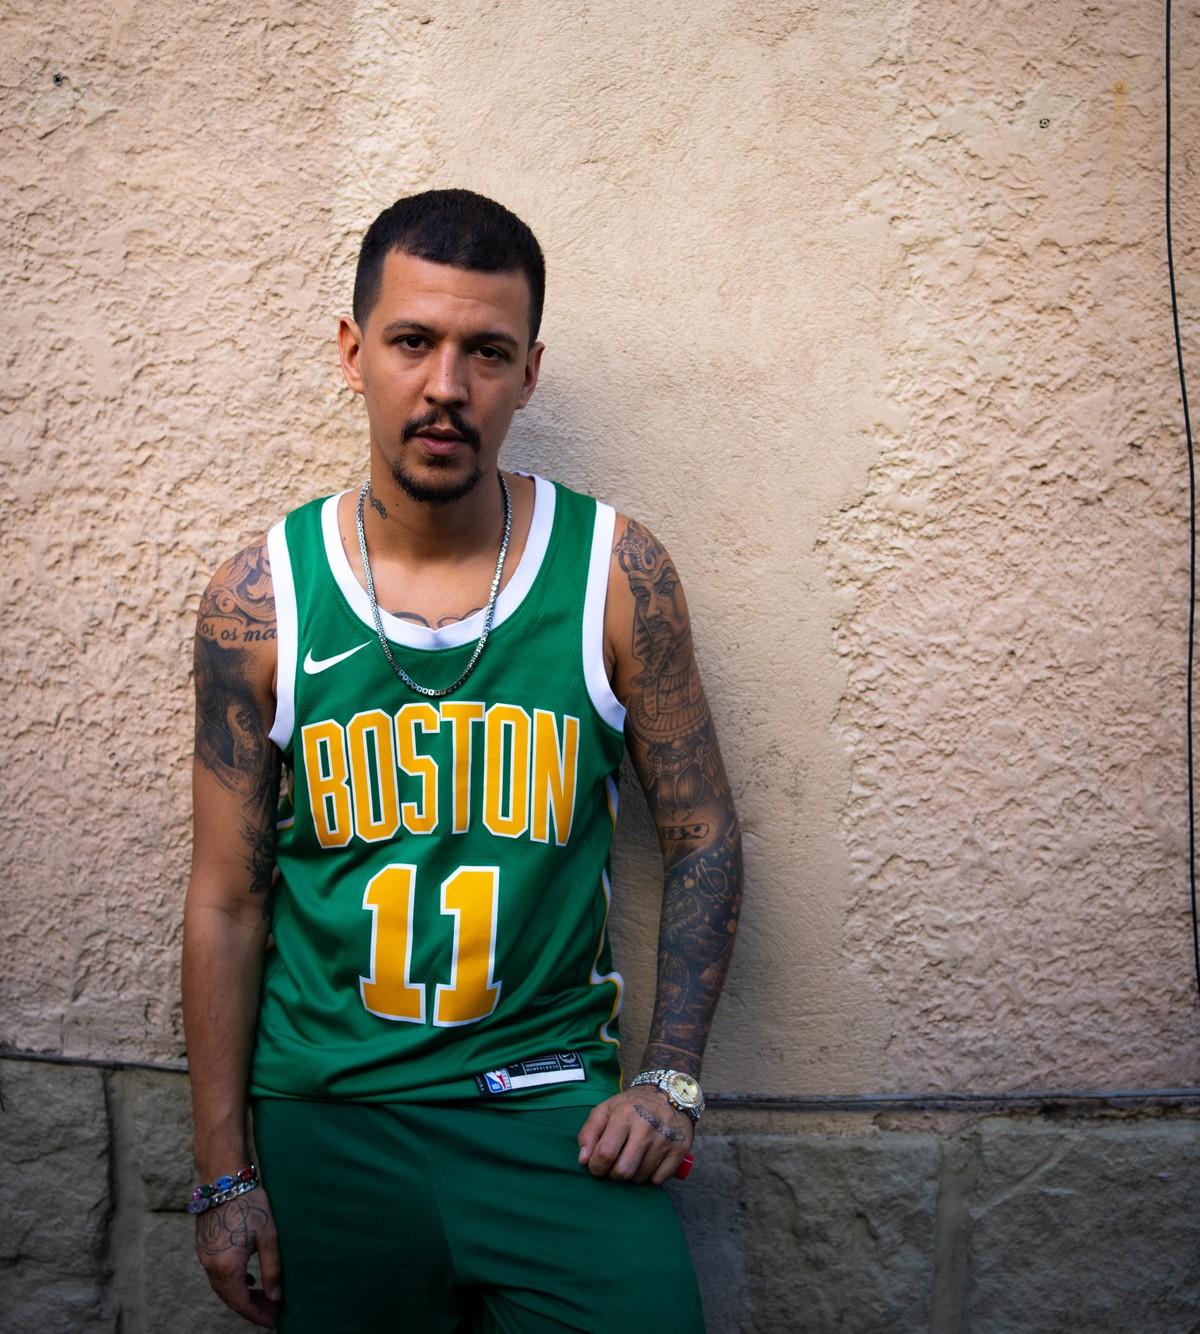 Vocalista do trio 3030, rapper Rod promove álbum solo enquanto se reúne com o grupo na Bahia para compor | Blog do Mauro Ferreira